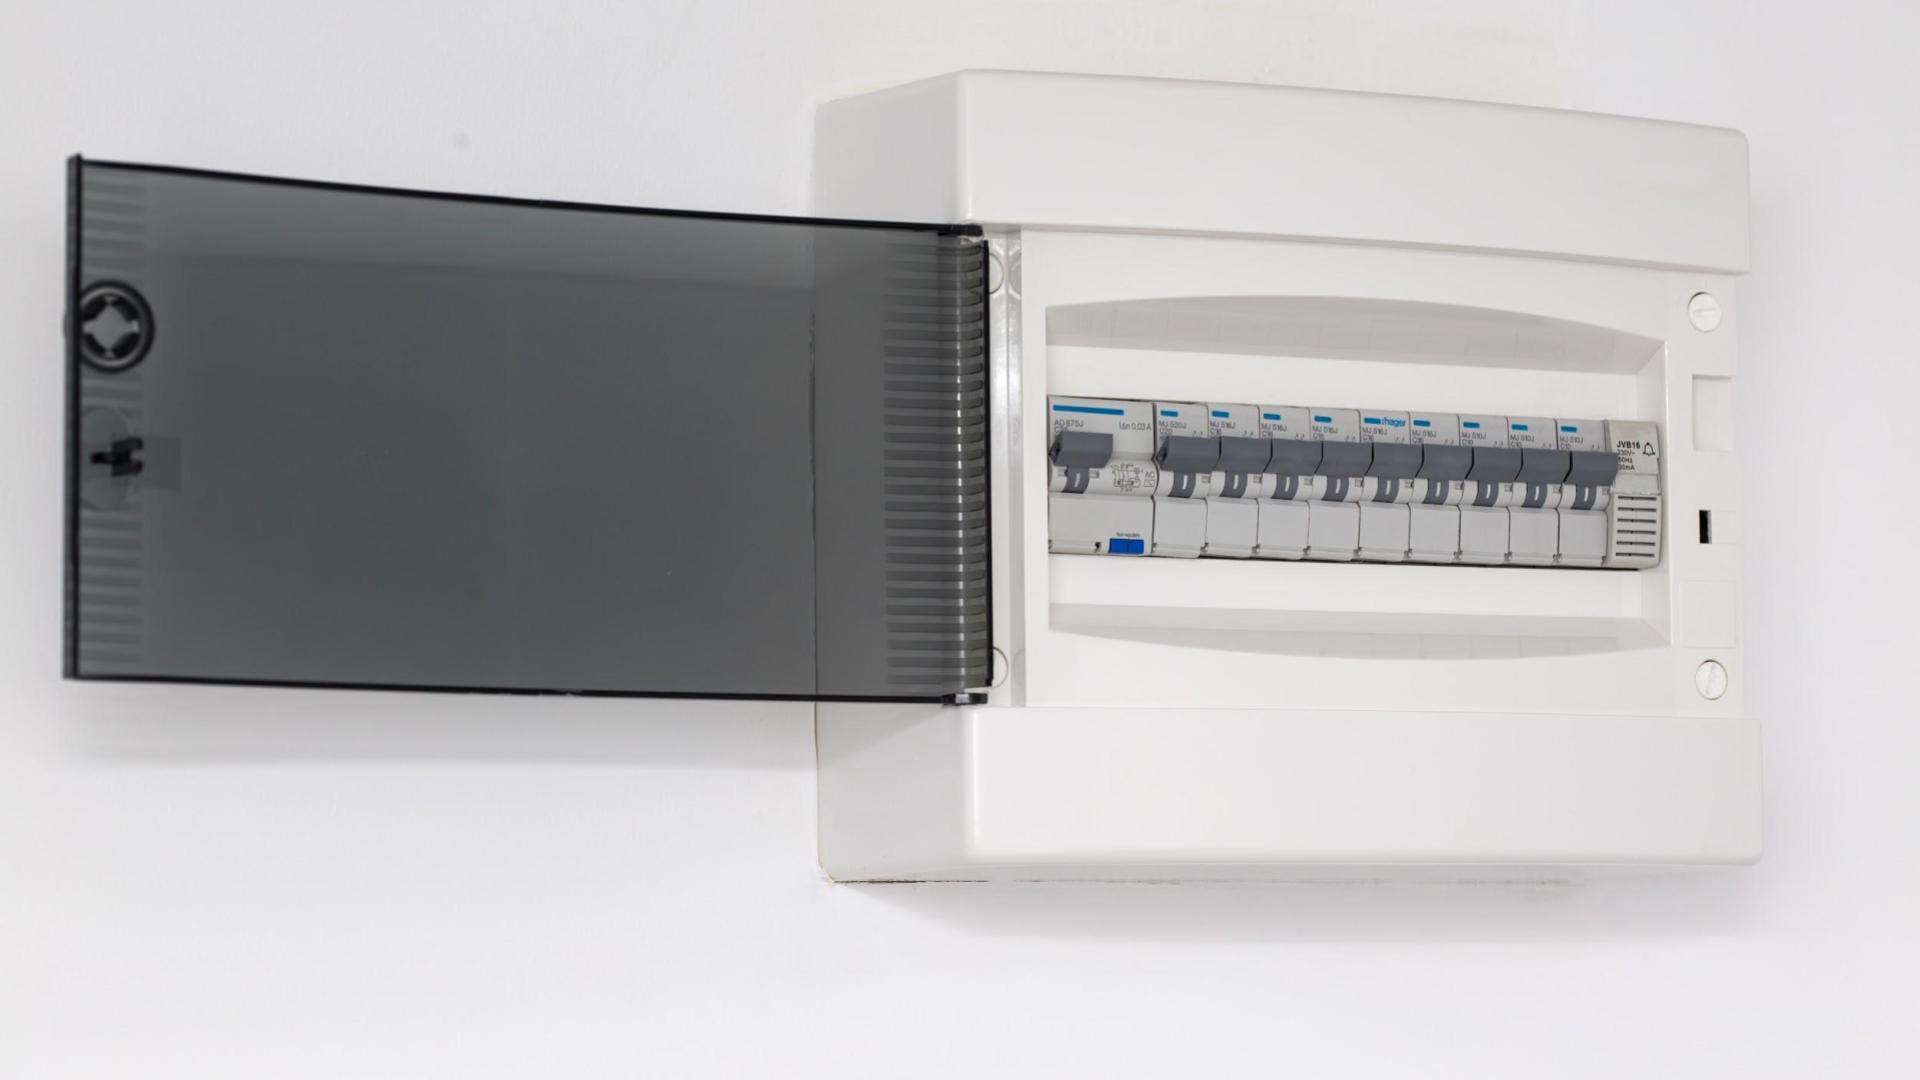 Mise aux normes de l'installation électrique